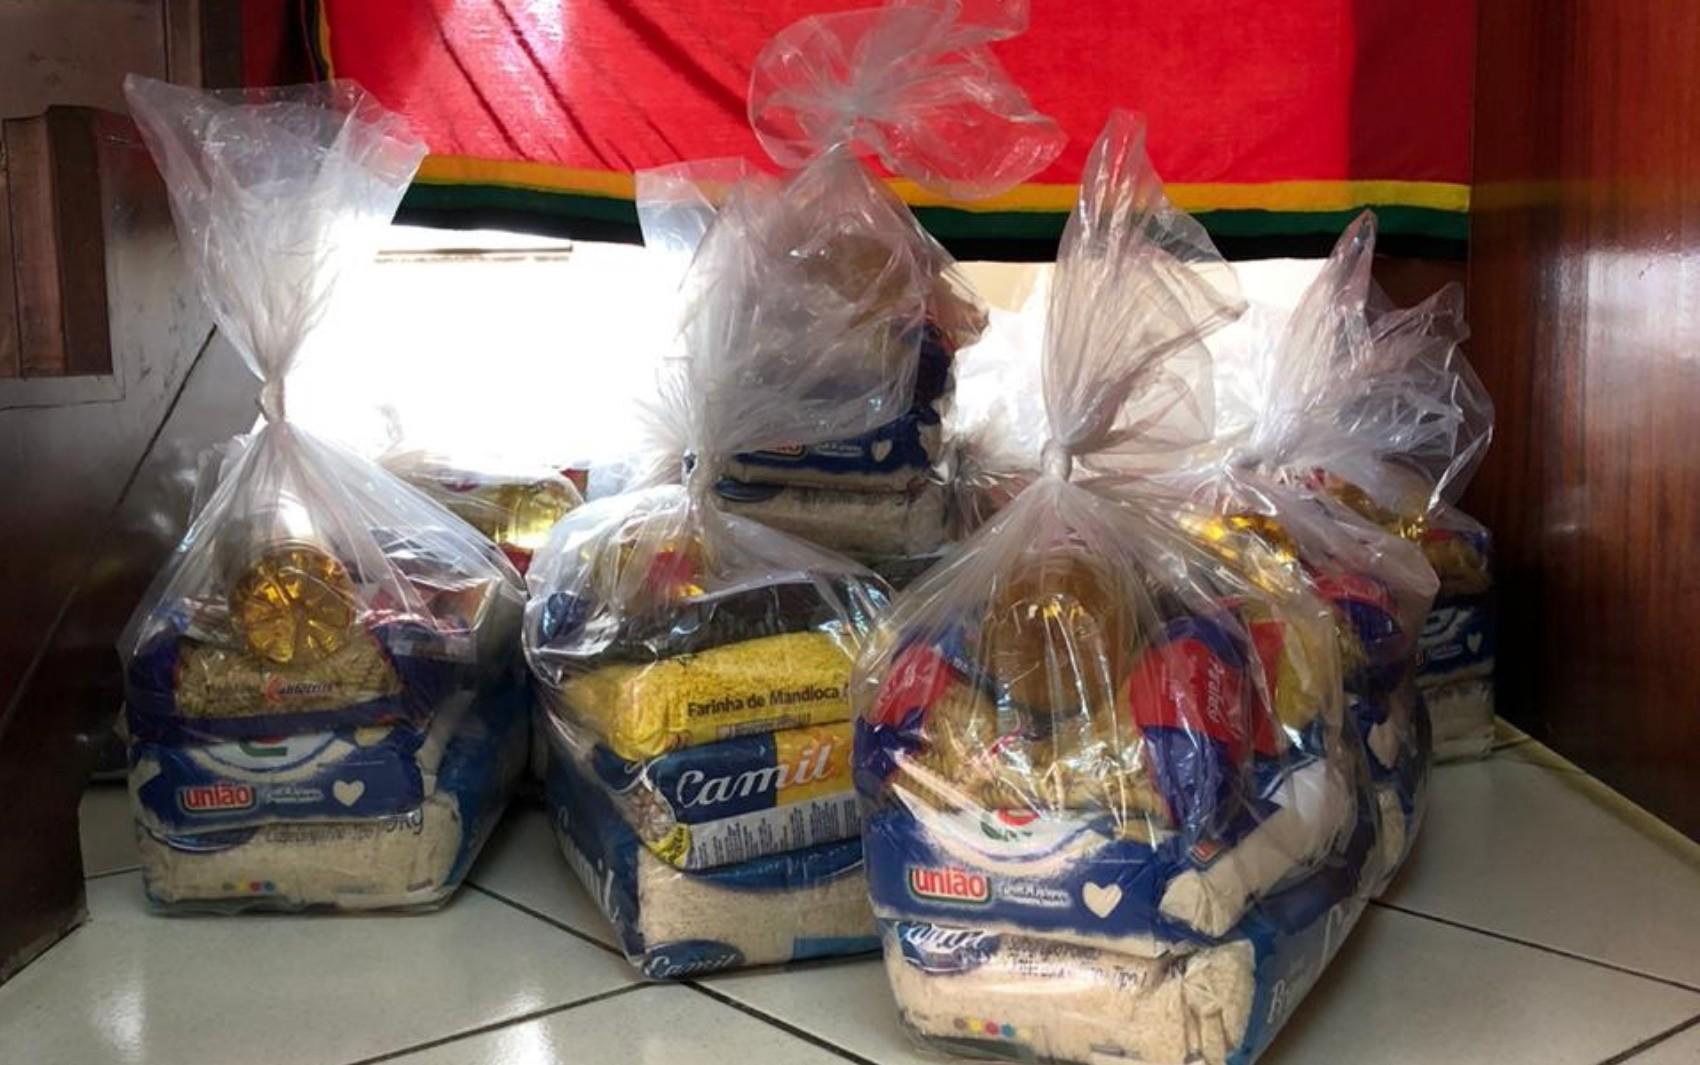 Sindicatos vão distribuir cestas básicas, máscaras e produtos de higiene no Dia do Trabalho, em Goiânia